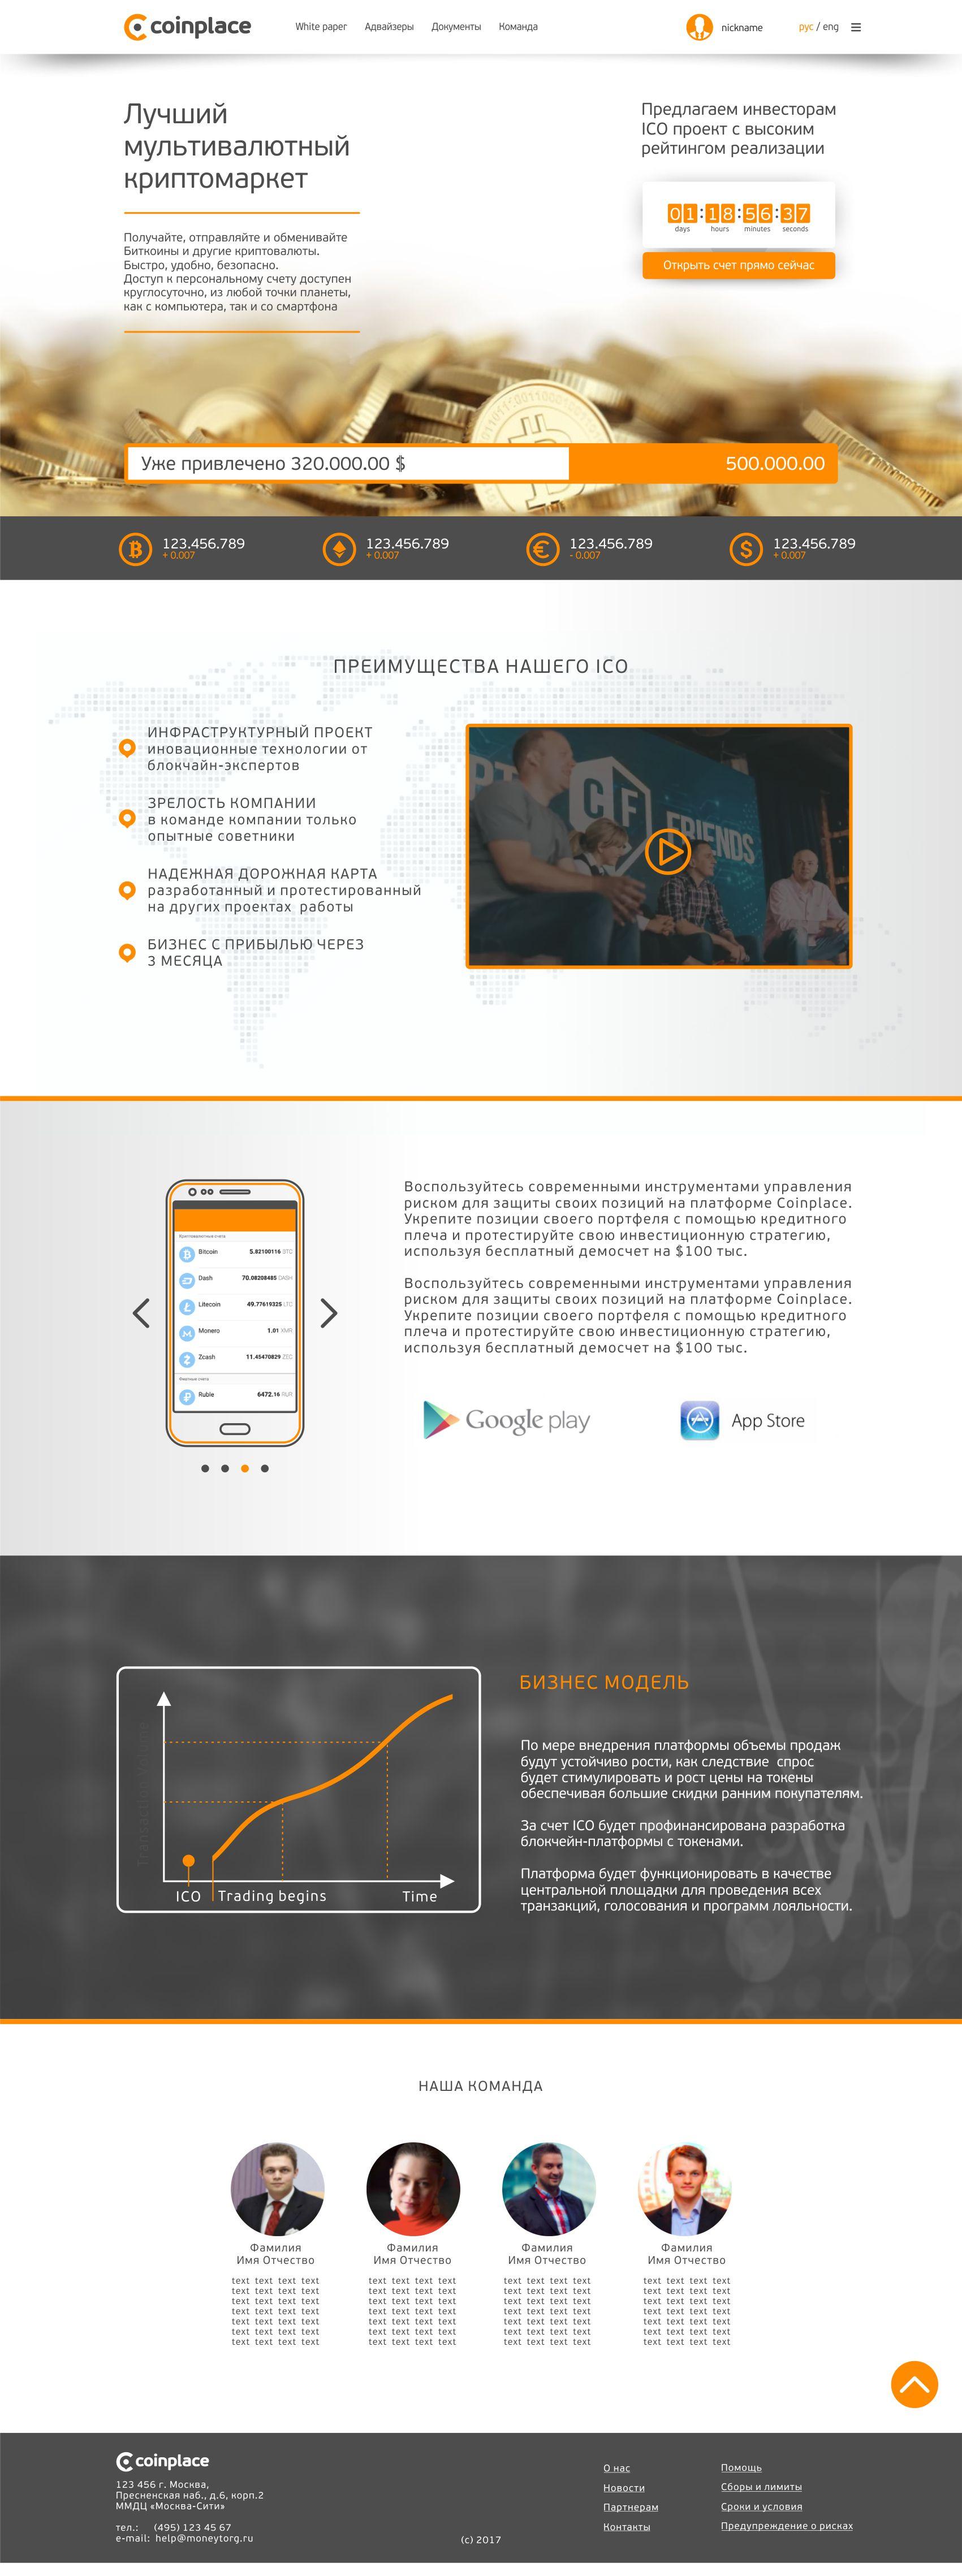 Дизайн сайта 4 экрана.(далее контракт на работы на 50 т.р.) фото f_97659dc669093106.jpg